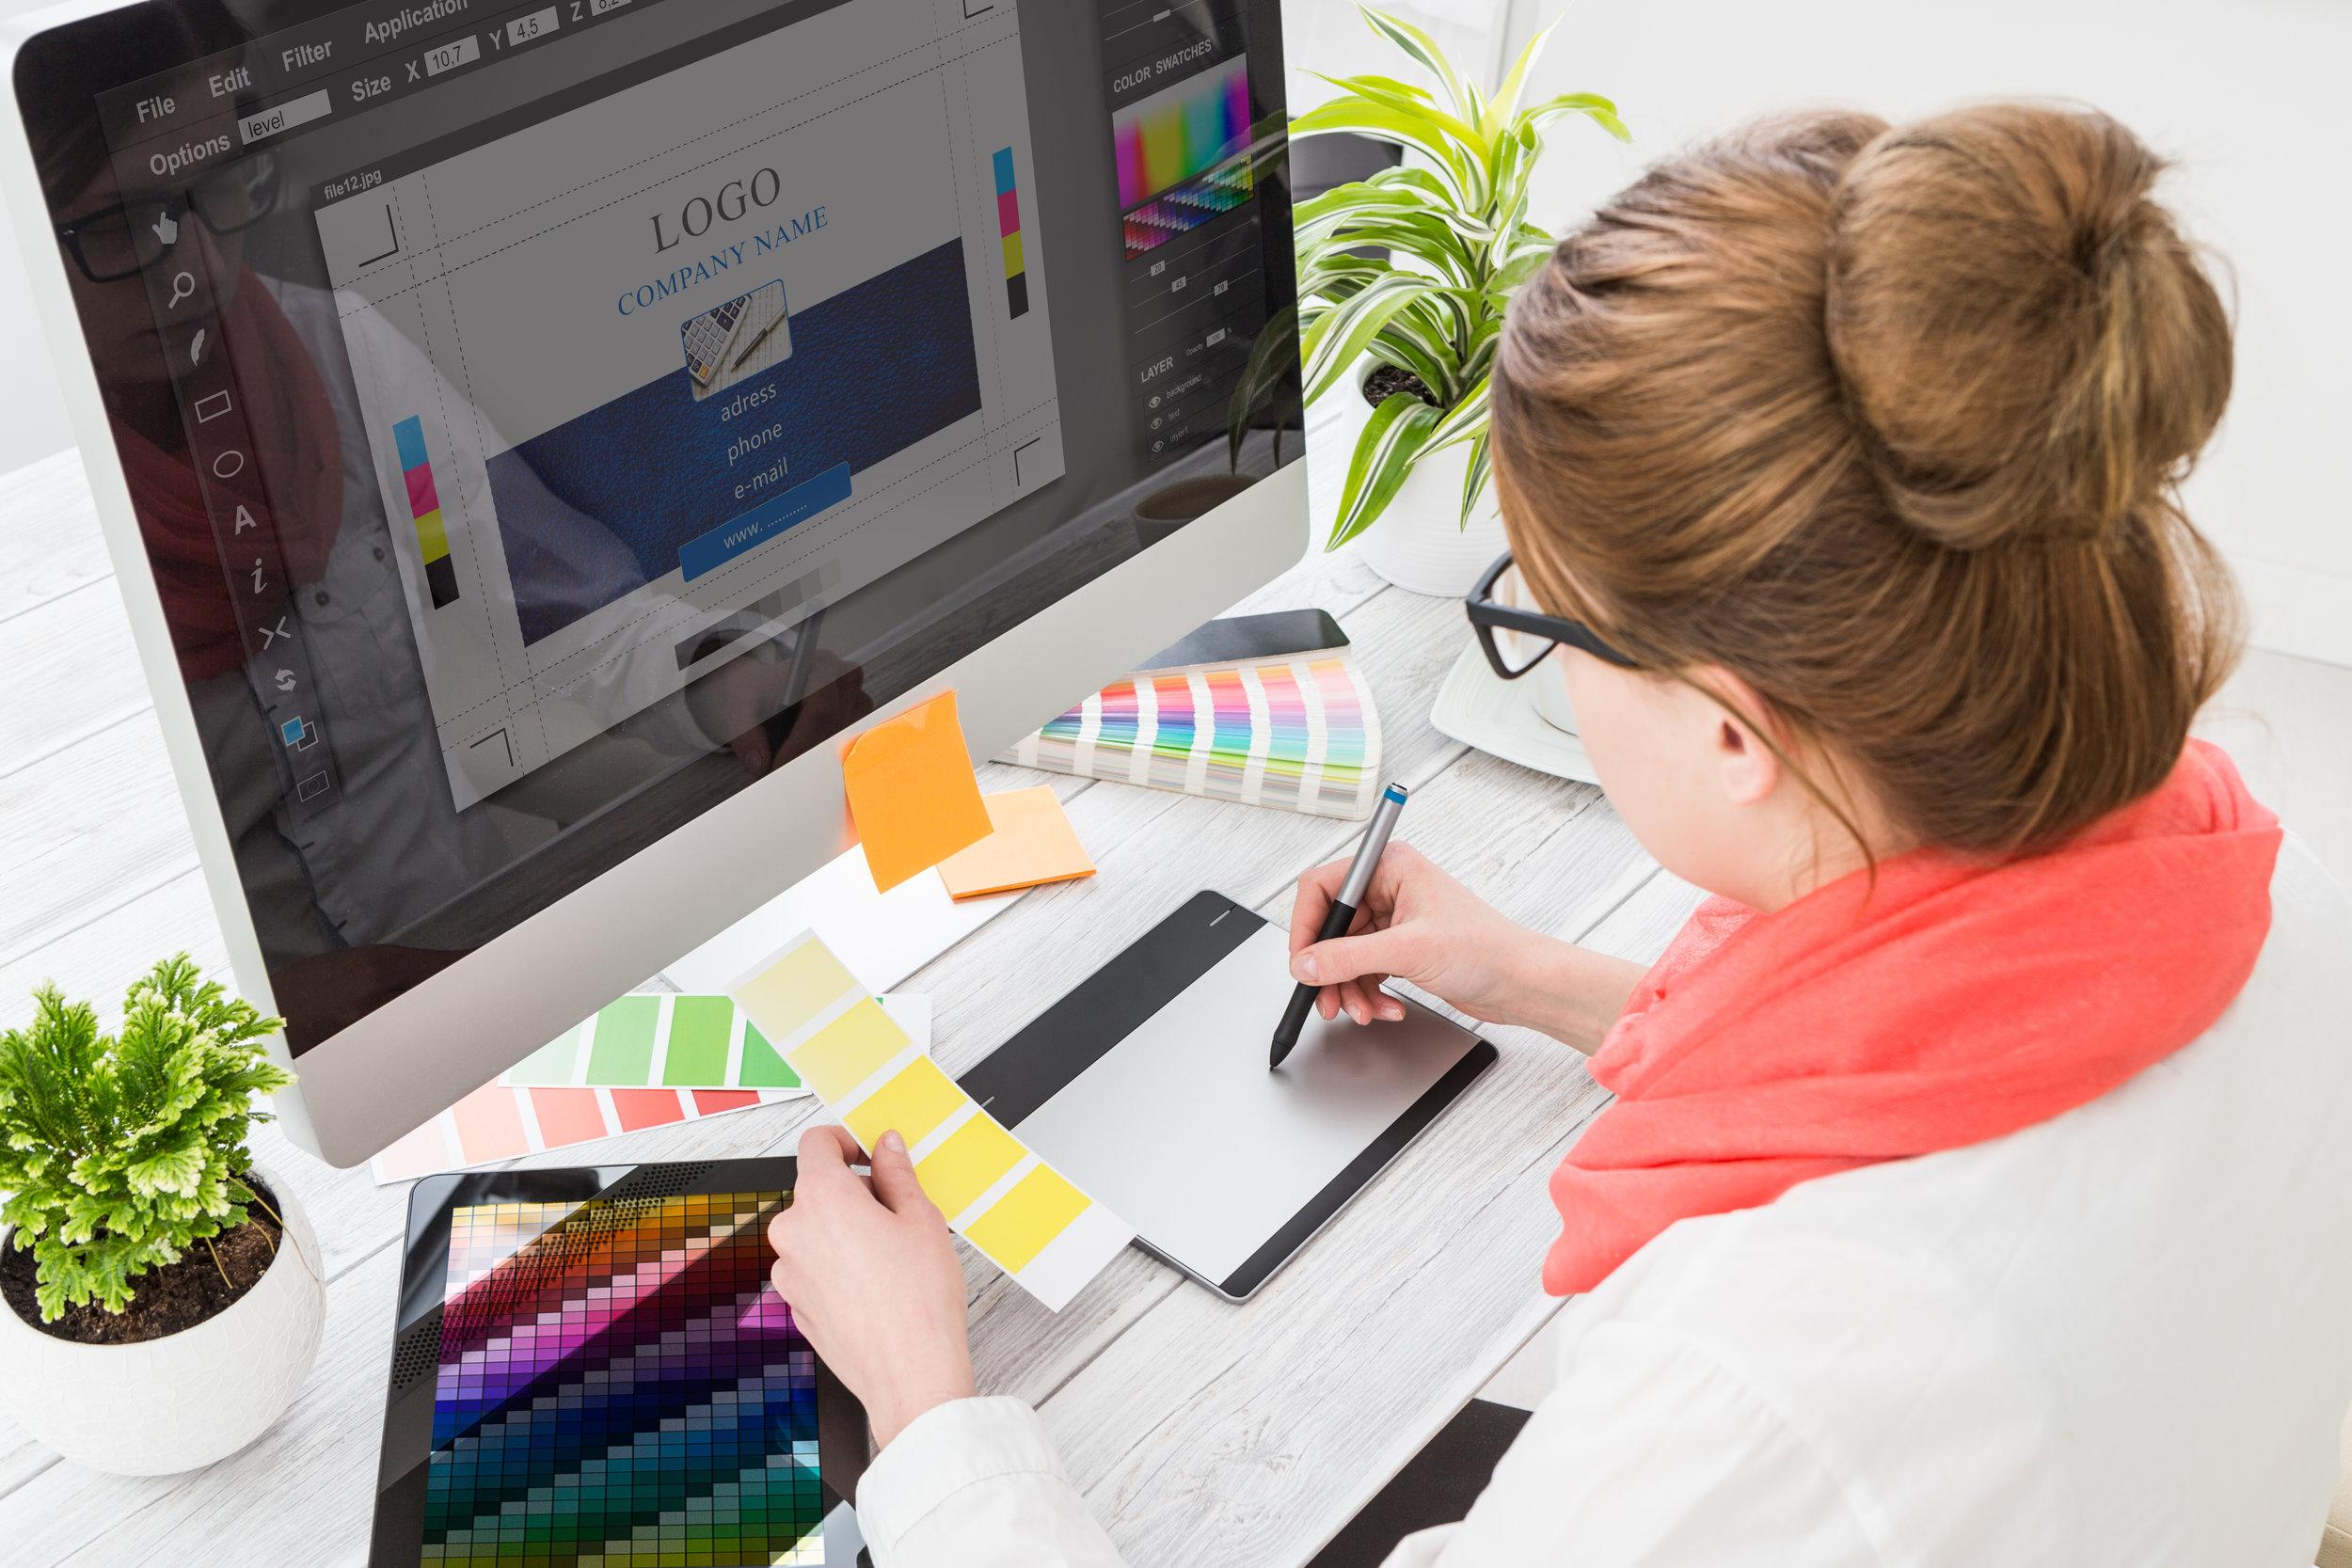 Graphic-designer-at-work.-Color-samples.-516728032_5760x3840.jpeg